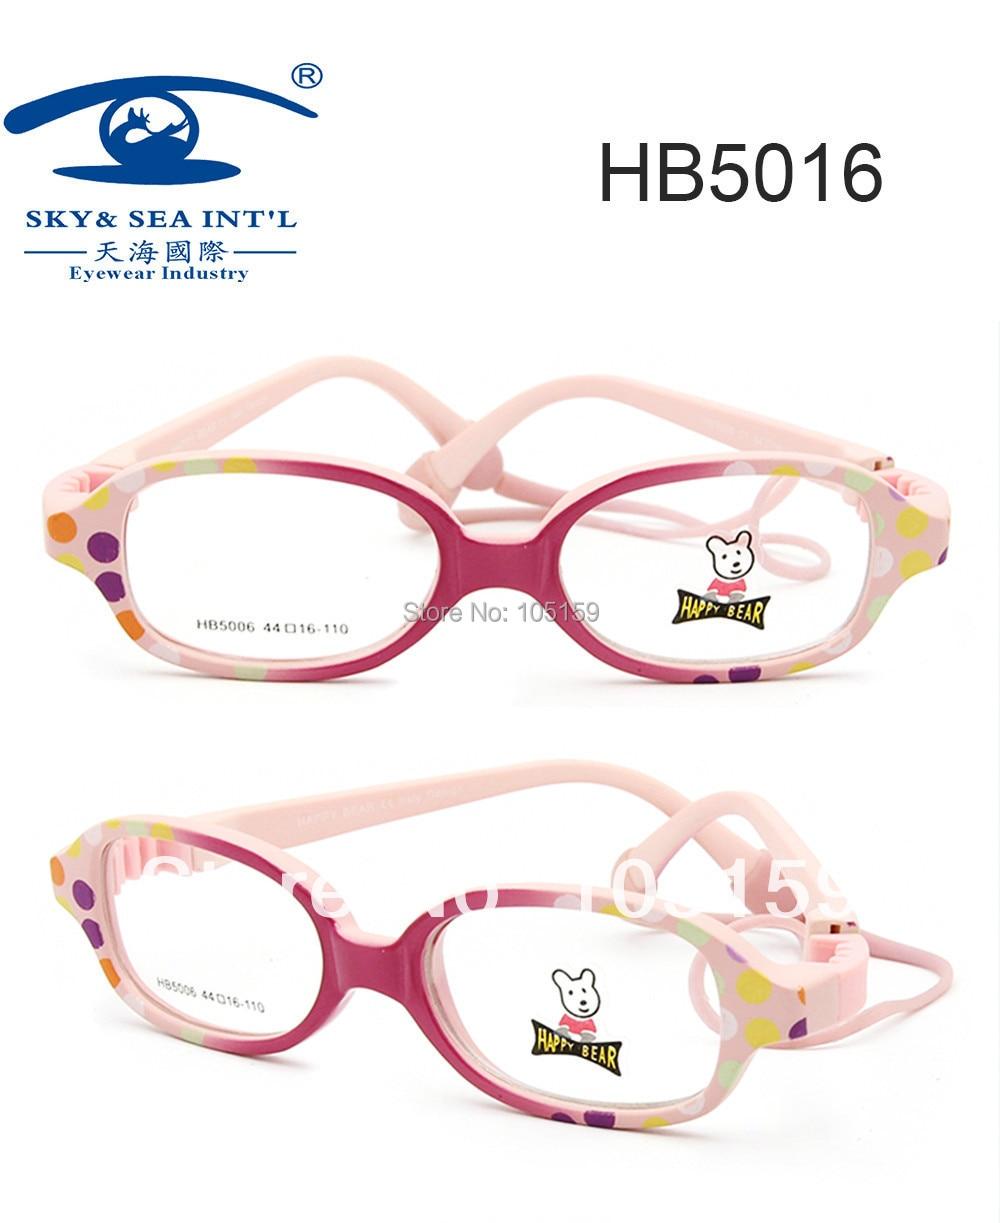 10 teile/los) Billig Großhandel Kinder Brillengestell Marke Italien ...